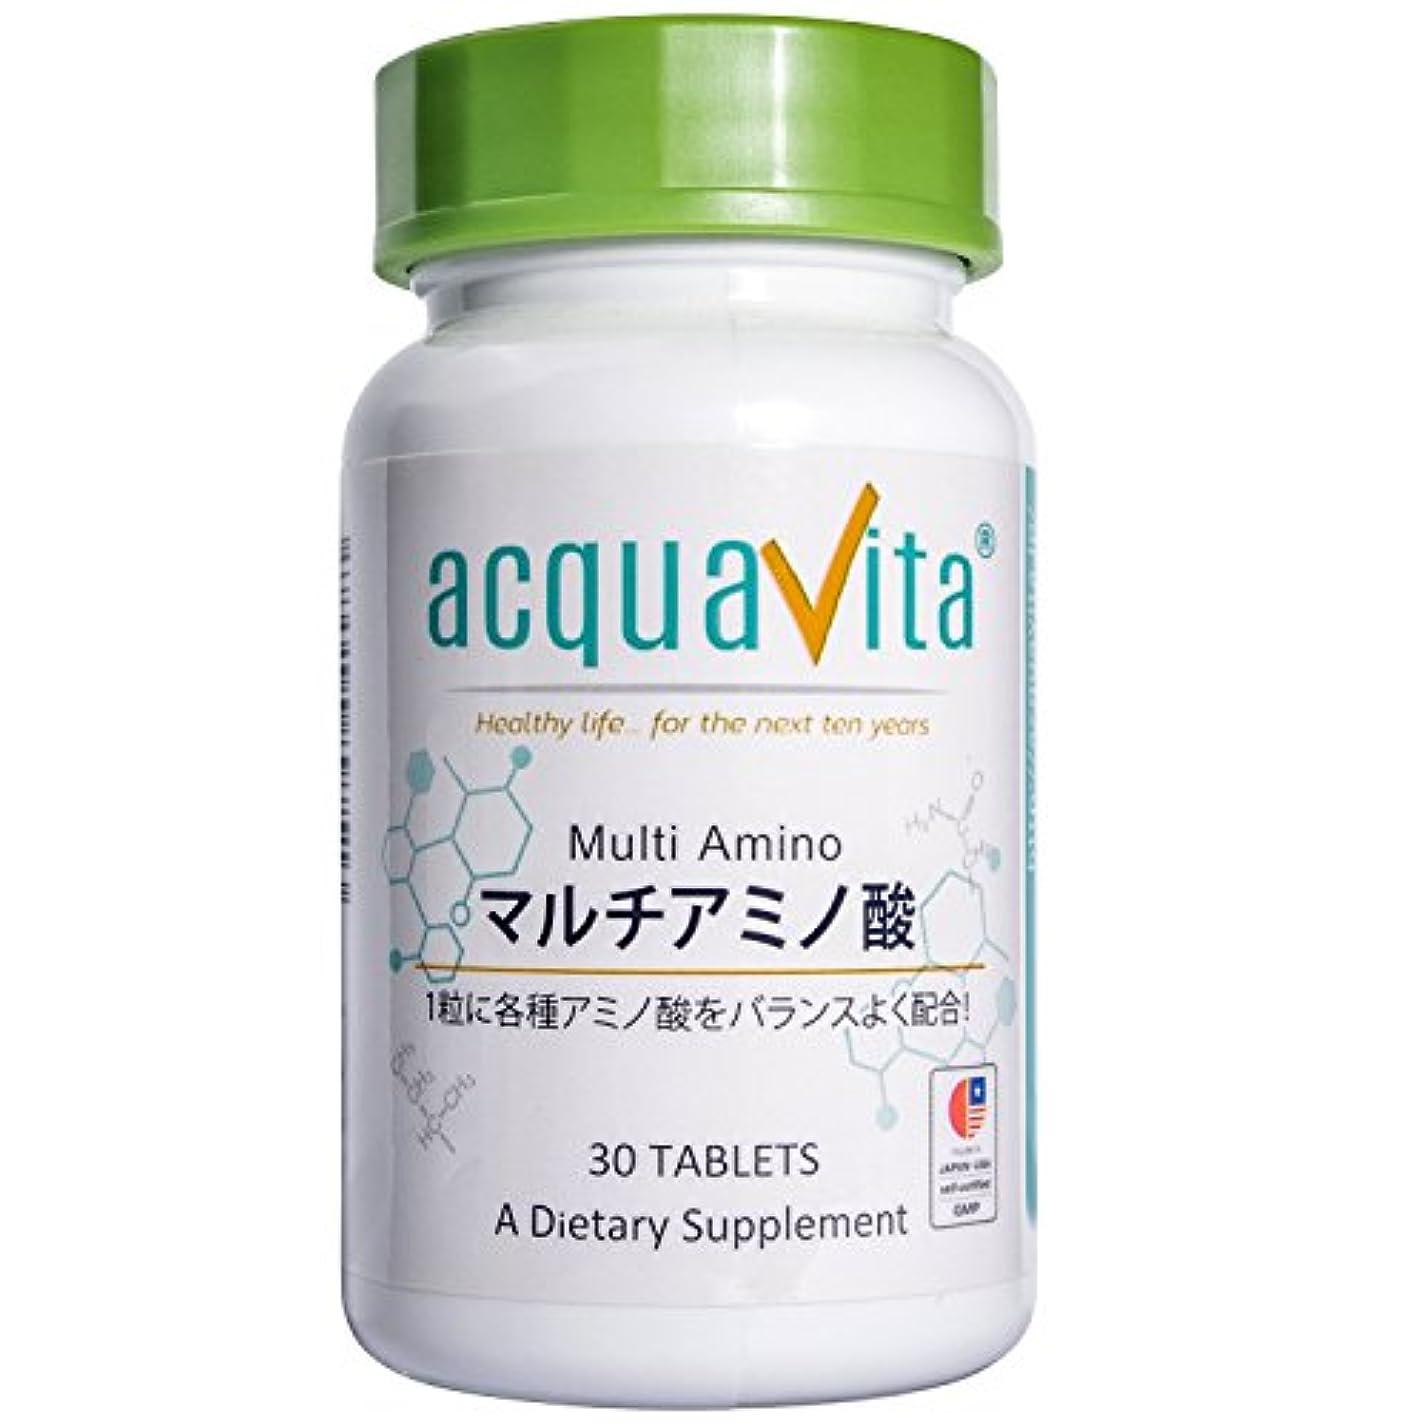 自発的それにもかかわらず保育園acquavita(アクアヴィータ) マルチアミノ酸 30粒